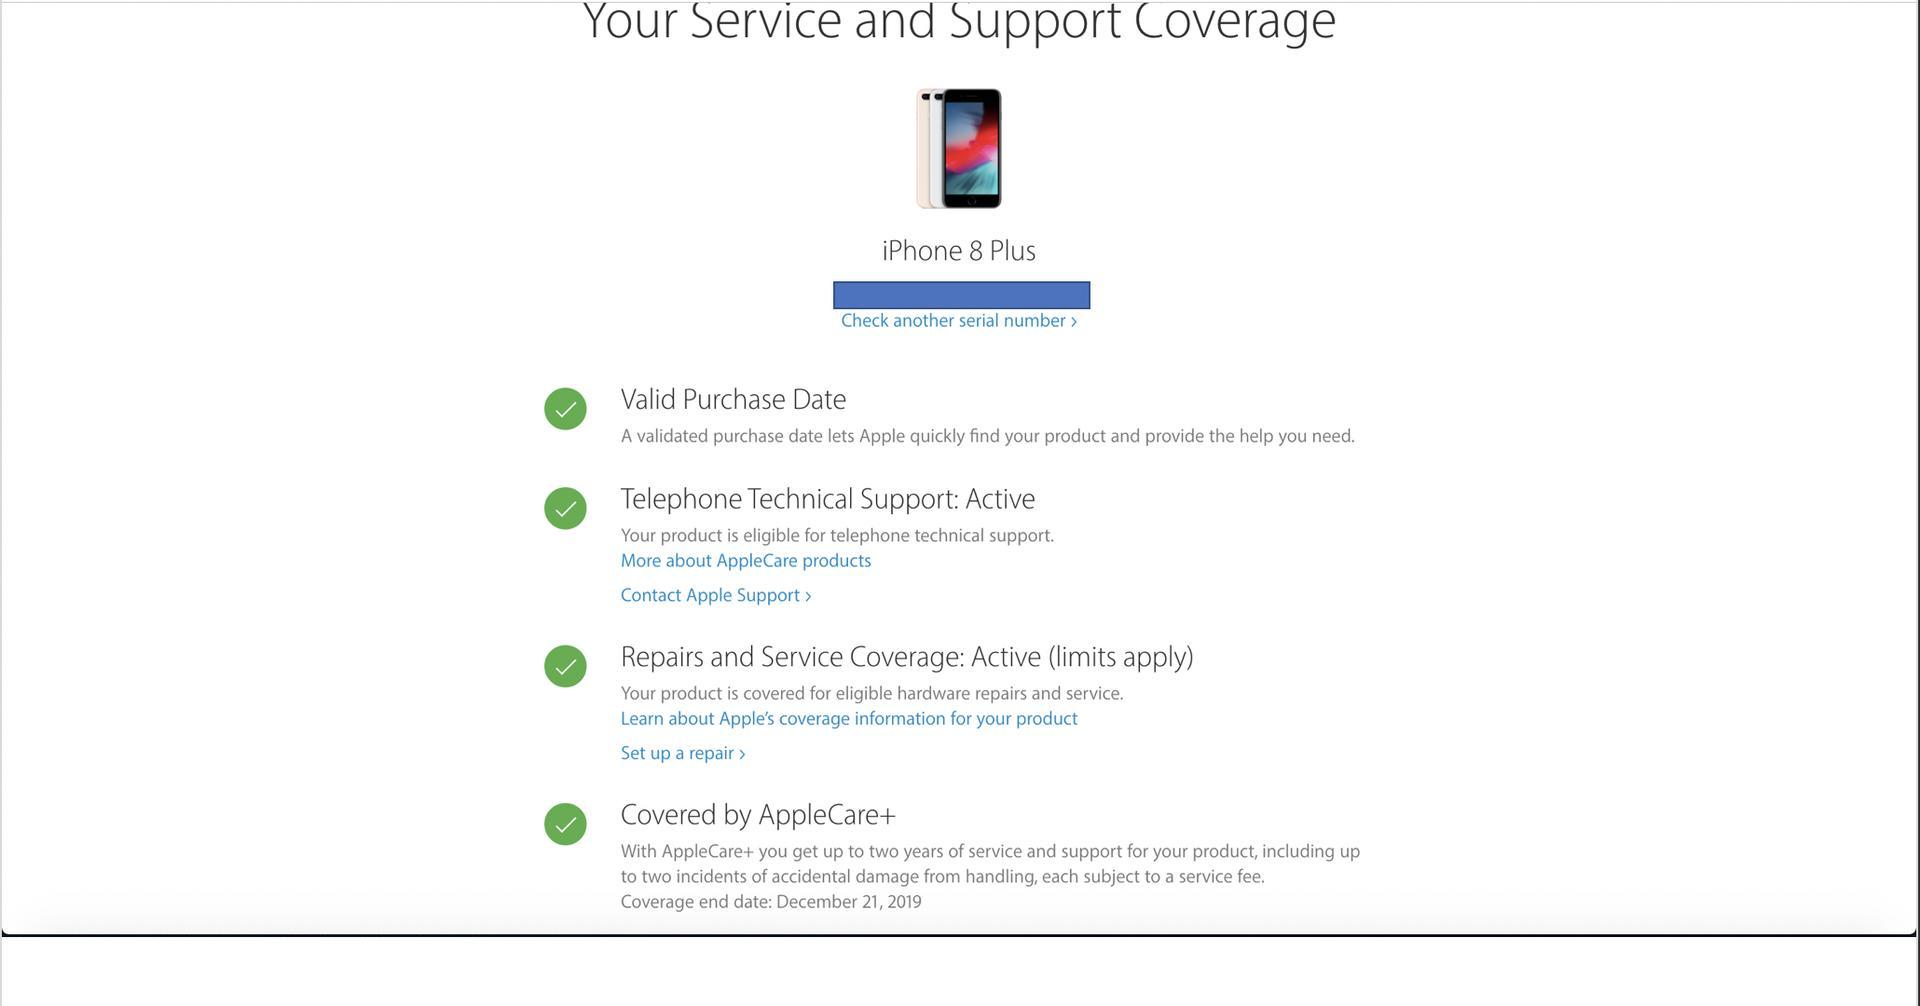 apple care plus coverage